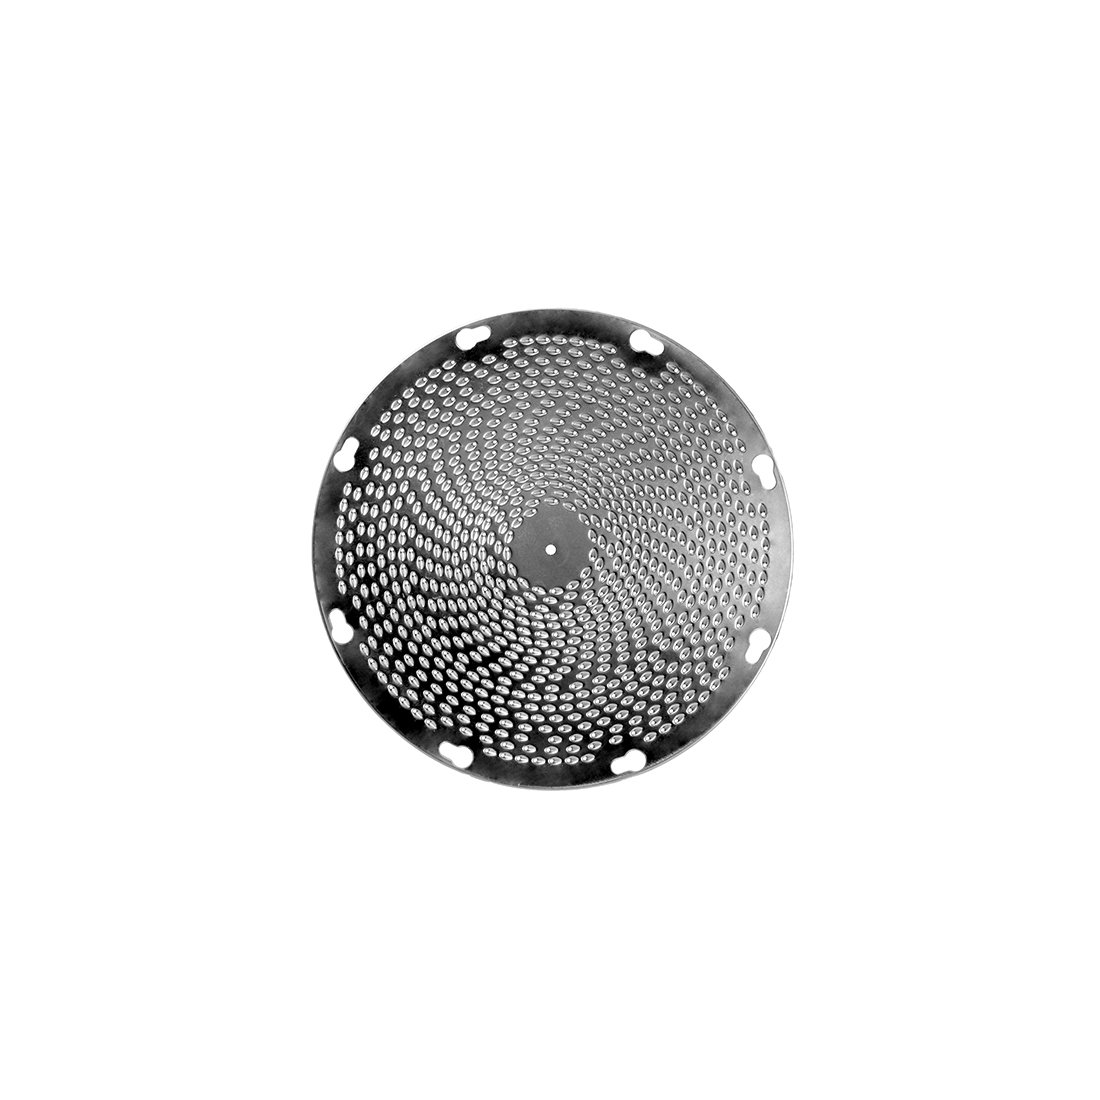 ALFA International KD-5/64 5/64'' Holes Grater-Shredder Disk, Extra Fine, Stainless Steel